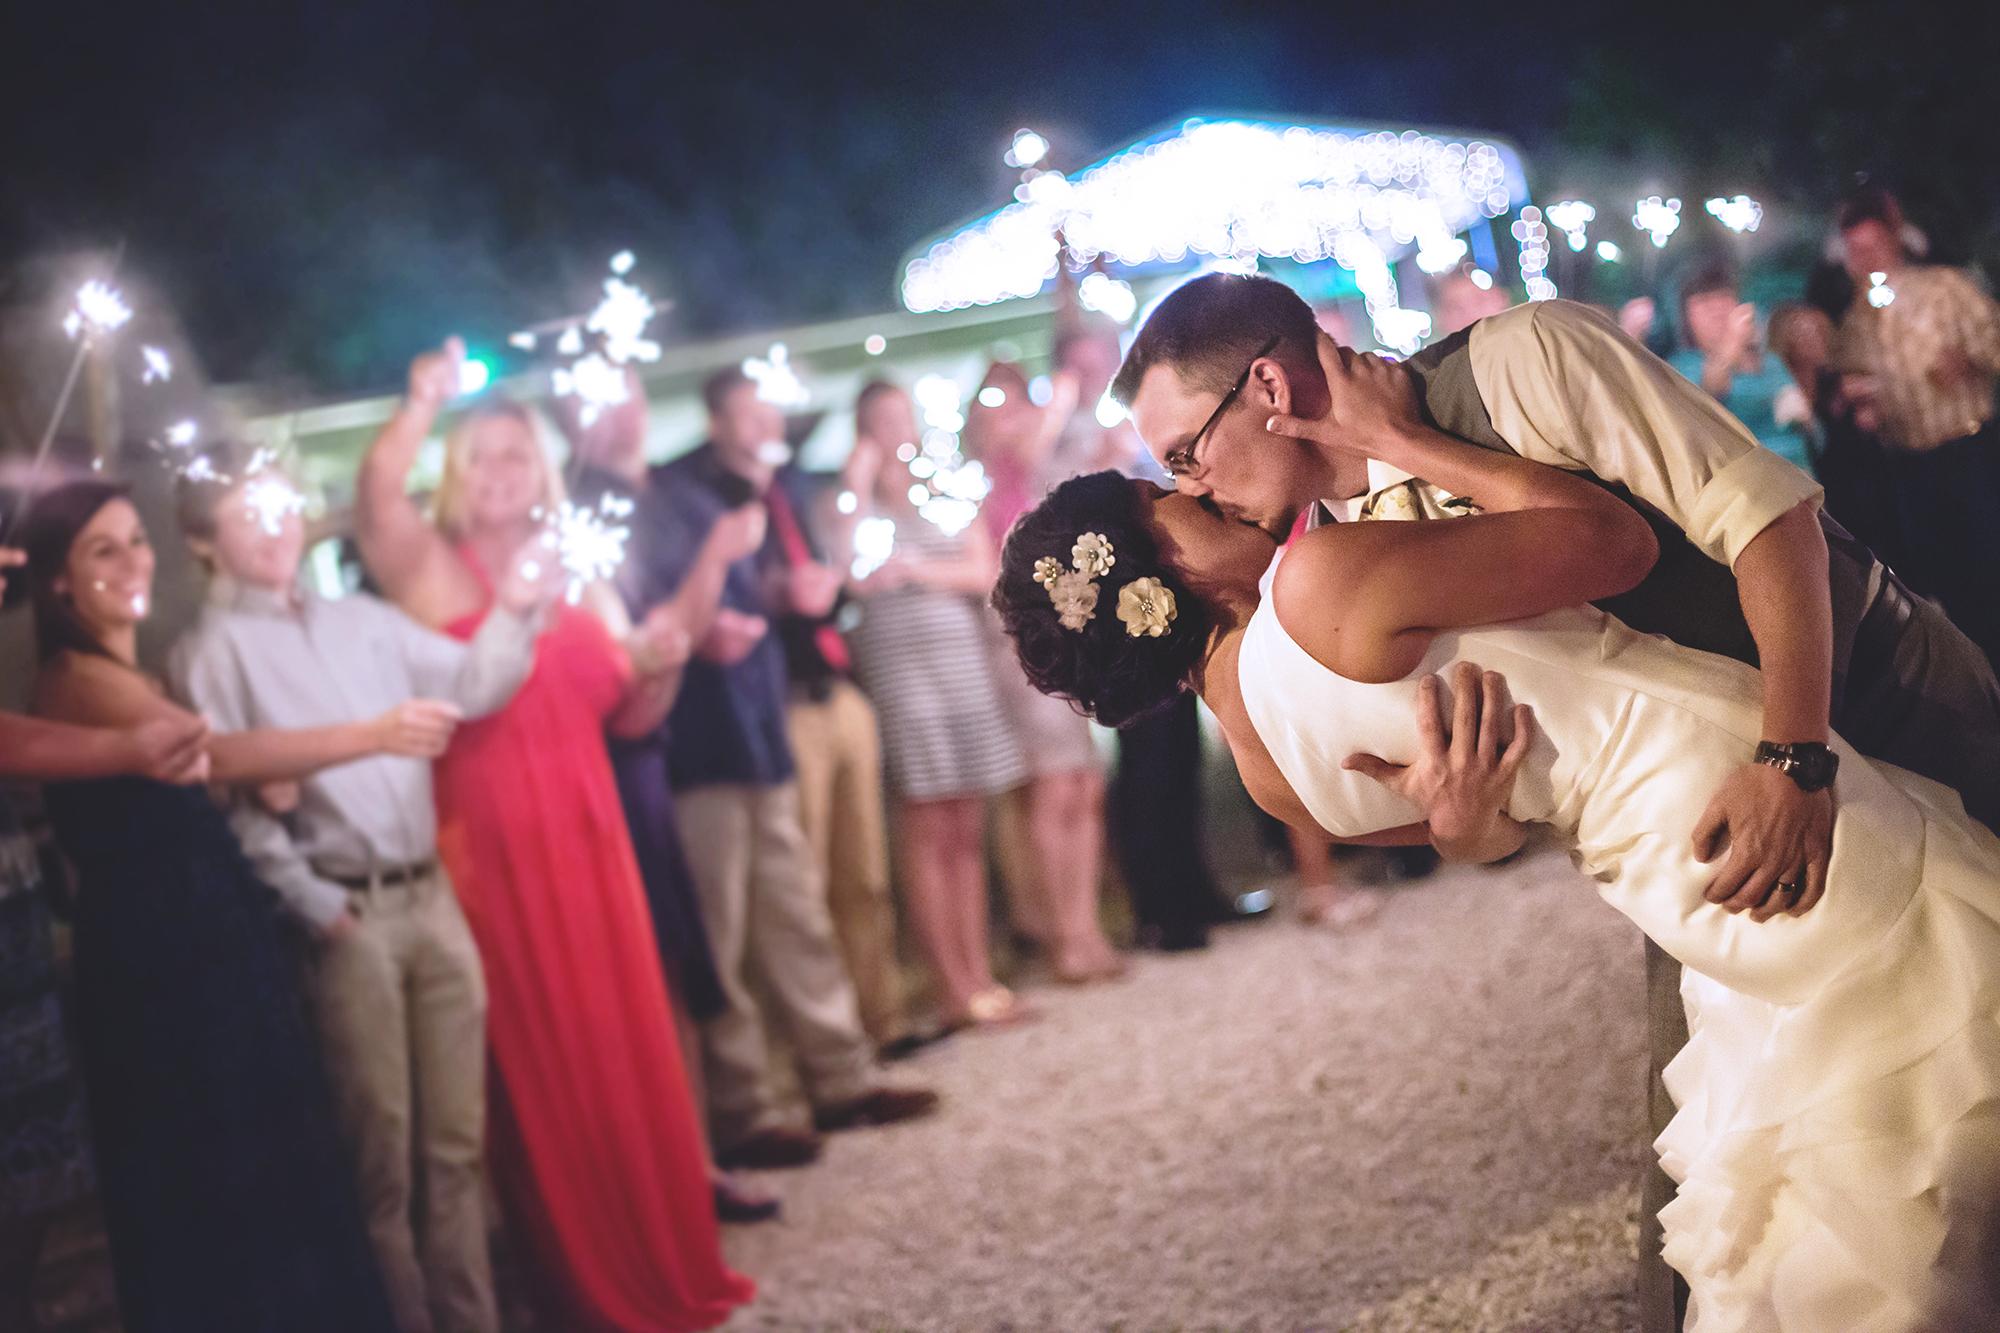 adam-szarmack-weddings-sparklers.jpg